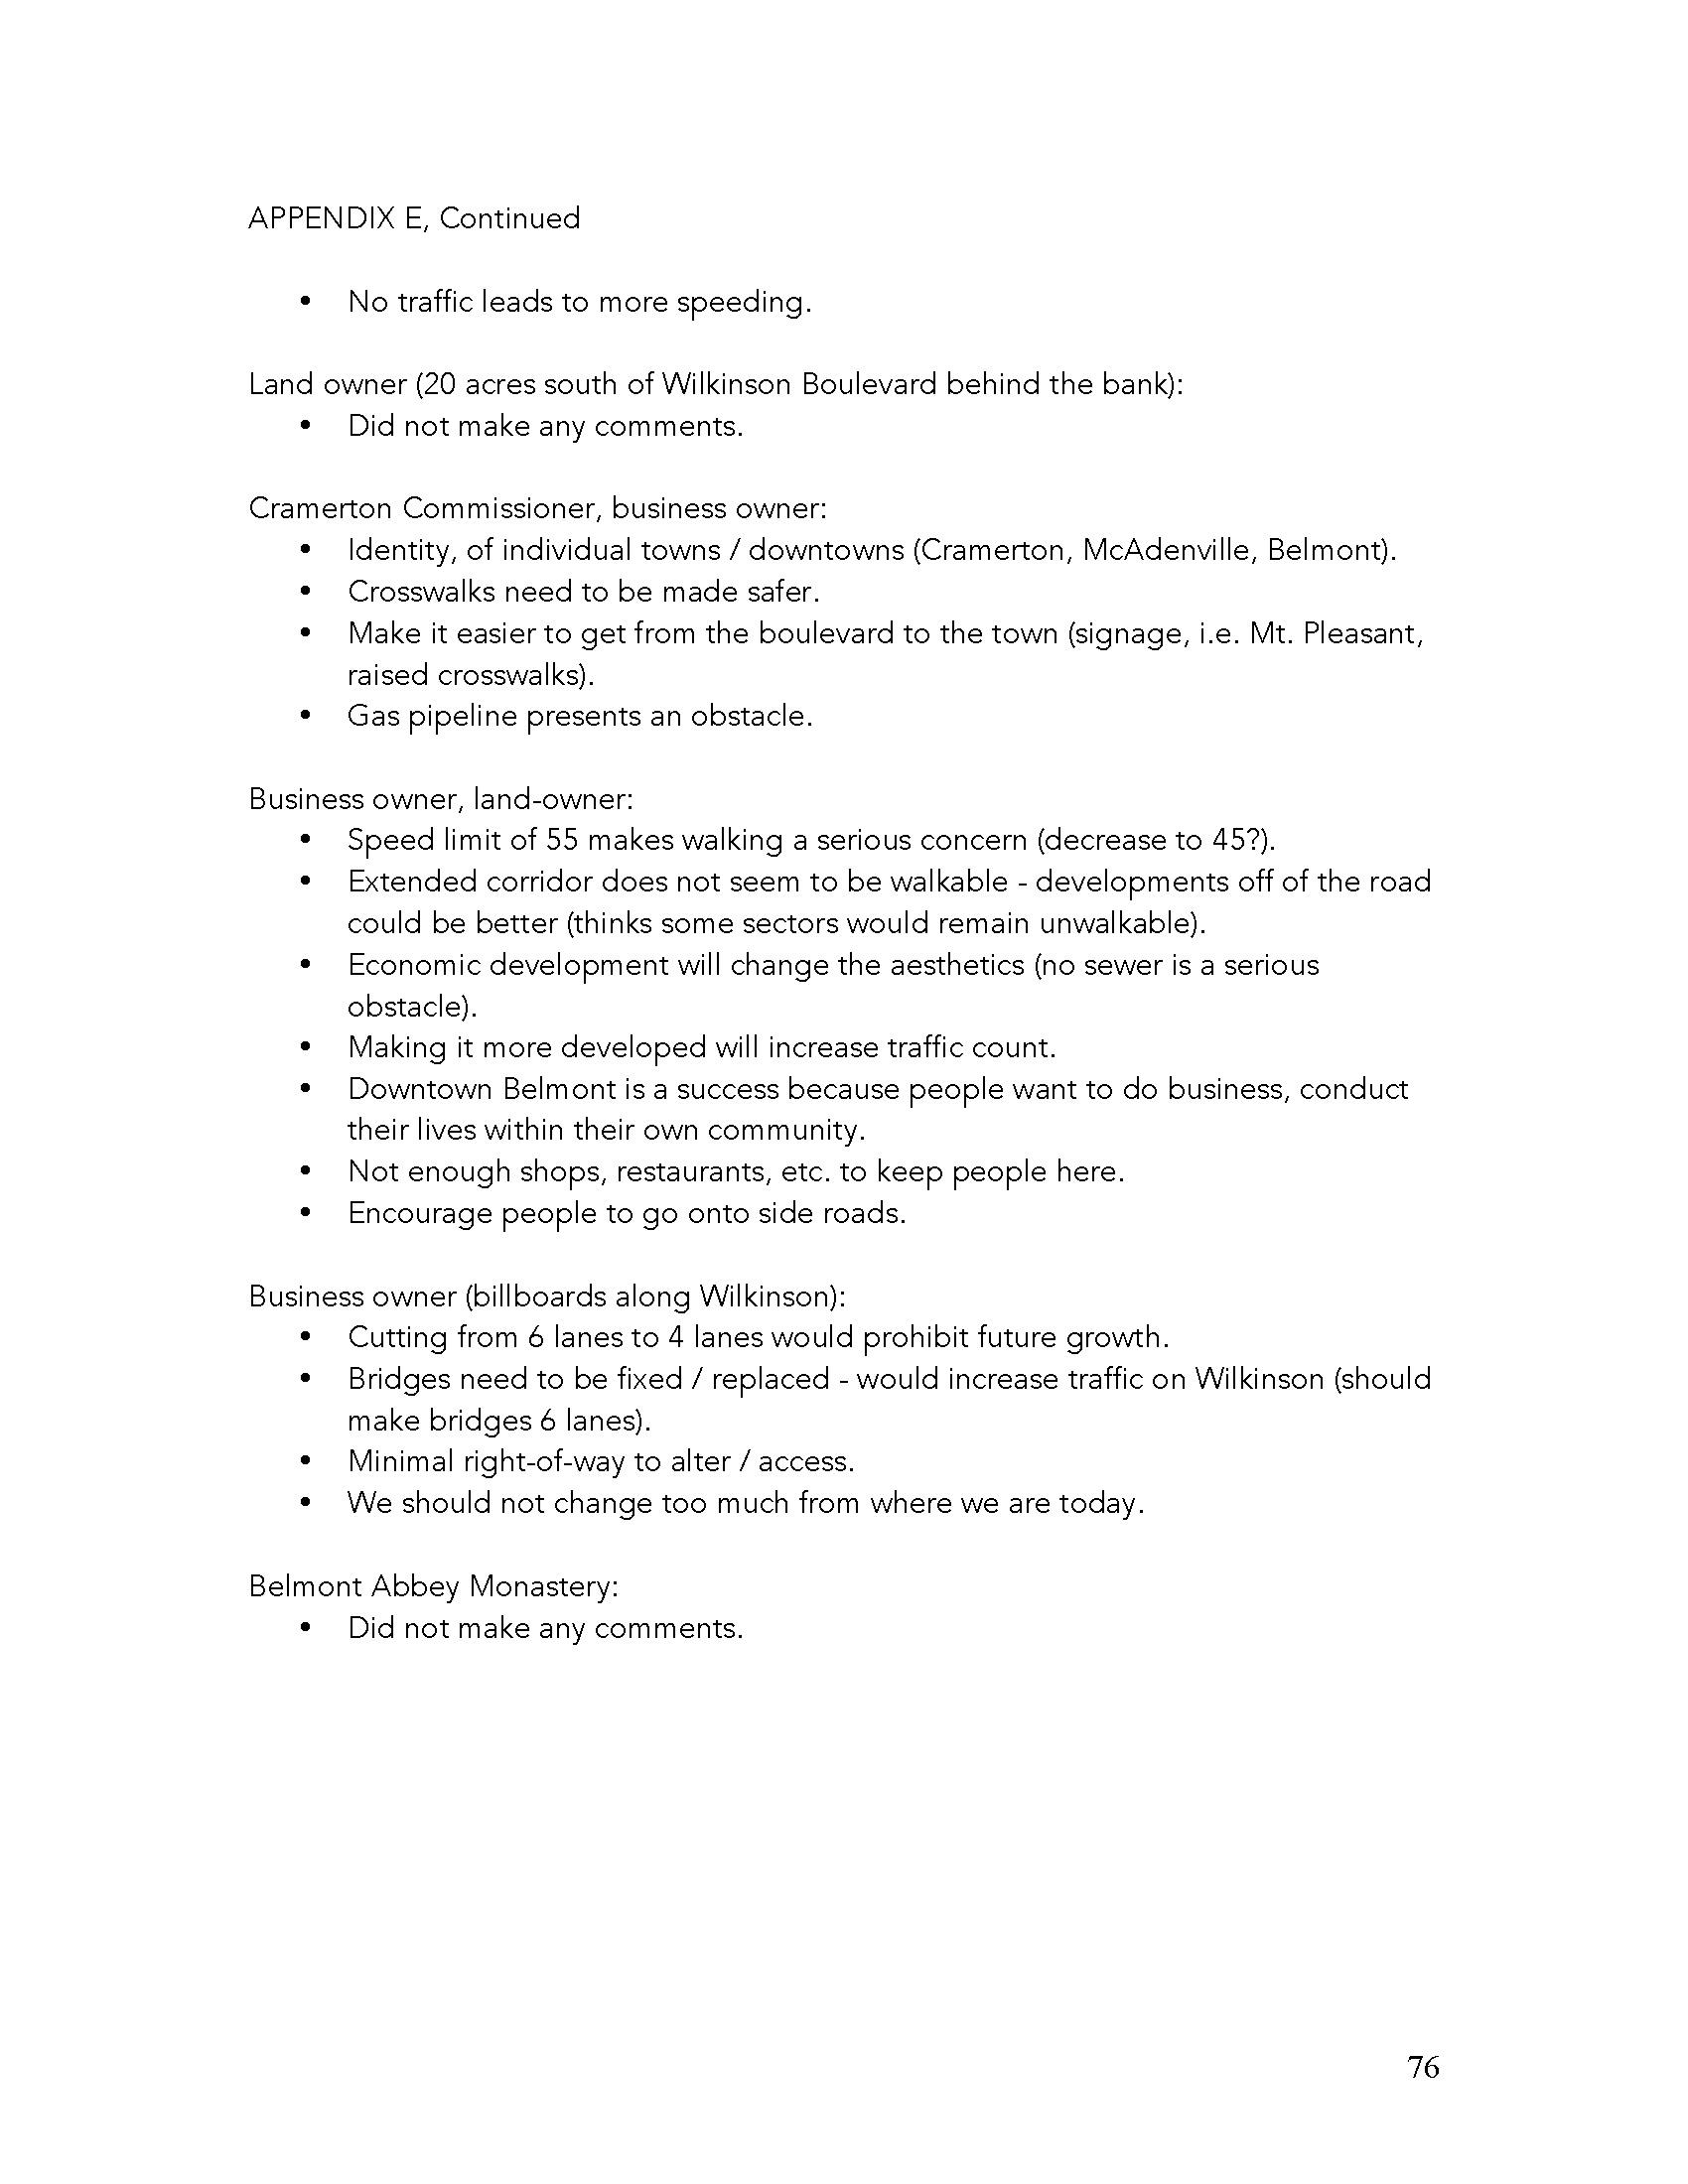 1 WilkinsonBlvd Draft Report 1-22-15 RH_Peter Edit_Page_76.jpg